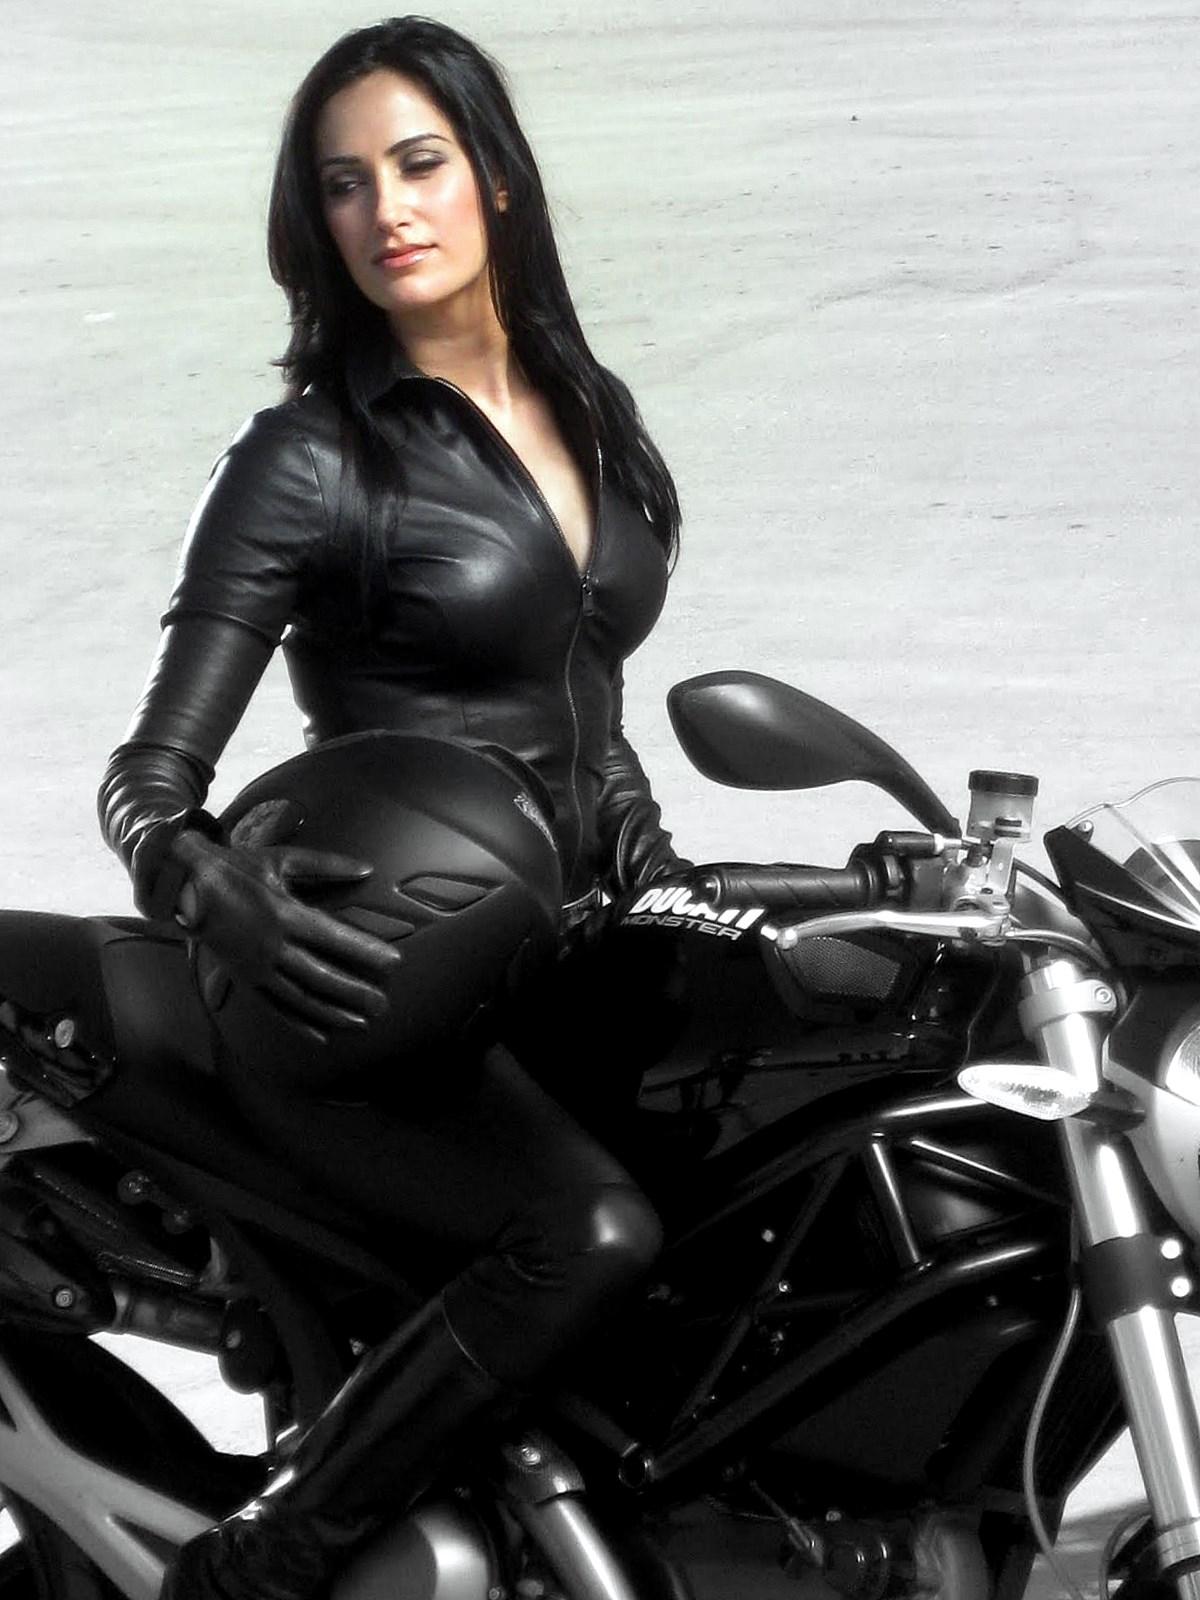 Alpinestars Jacket Leather >> Ducati Leather Jacket